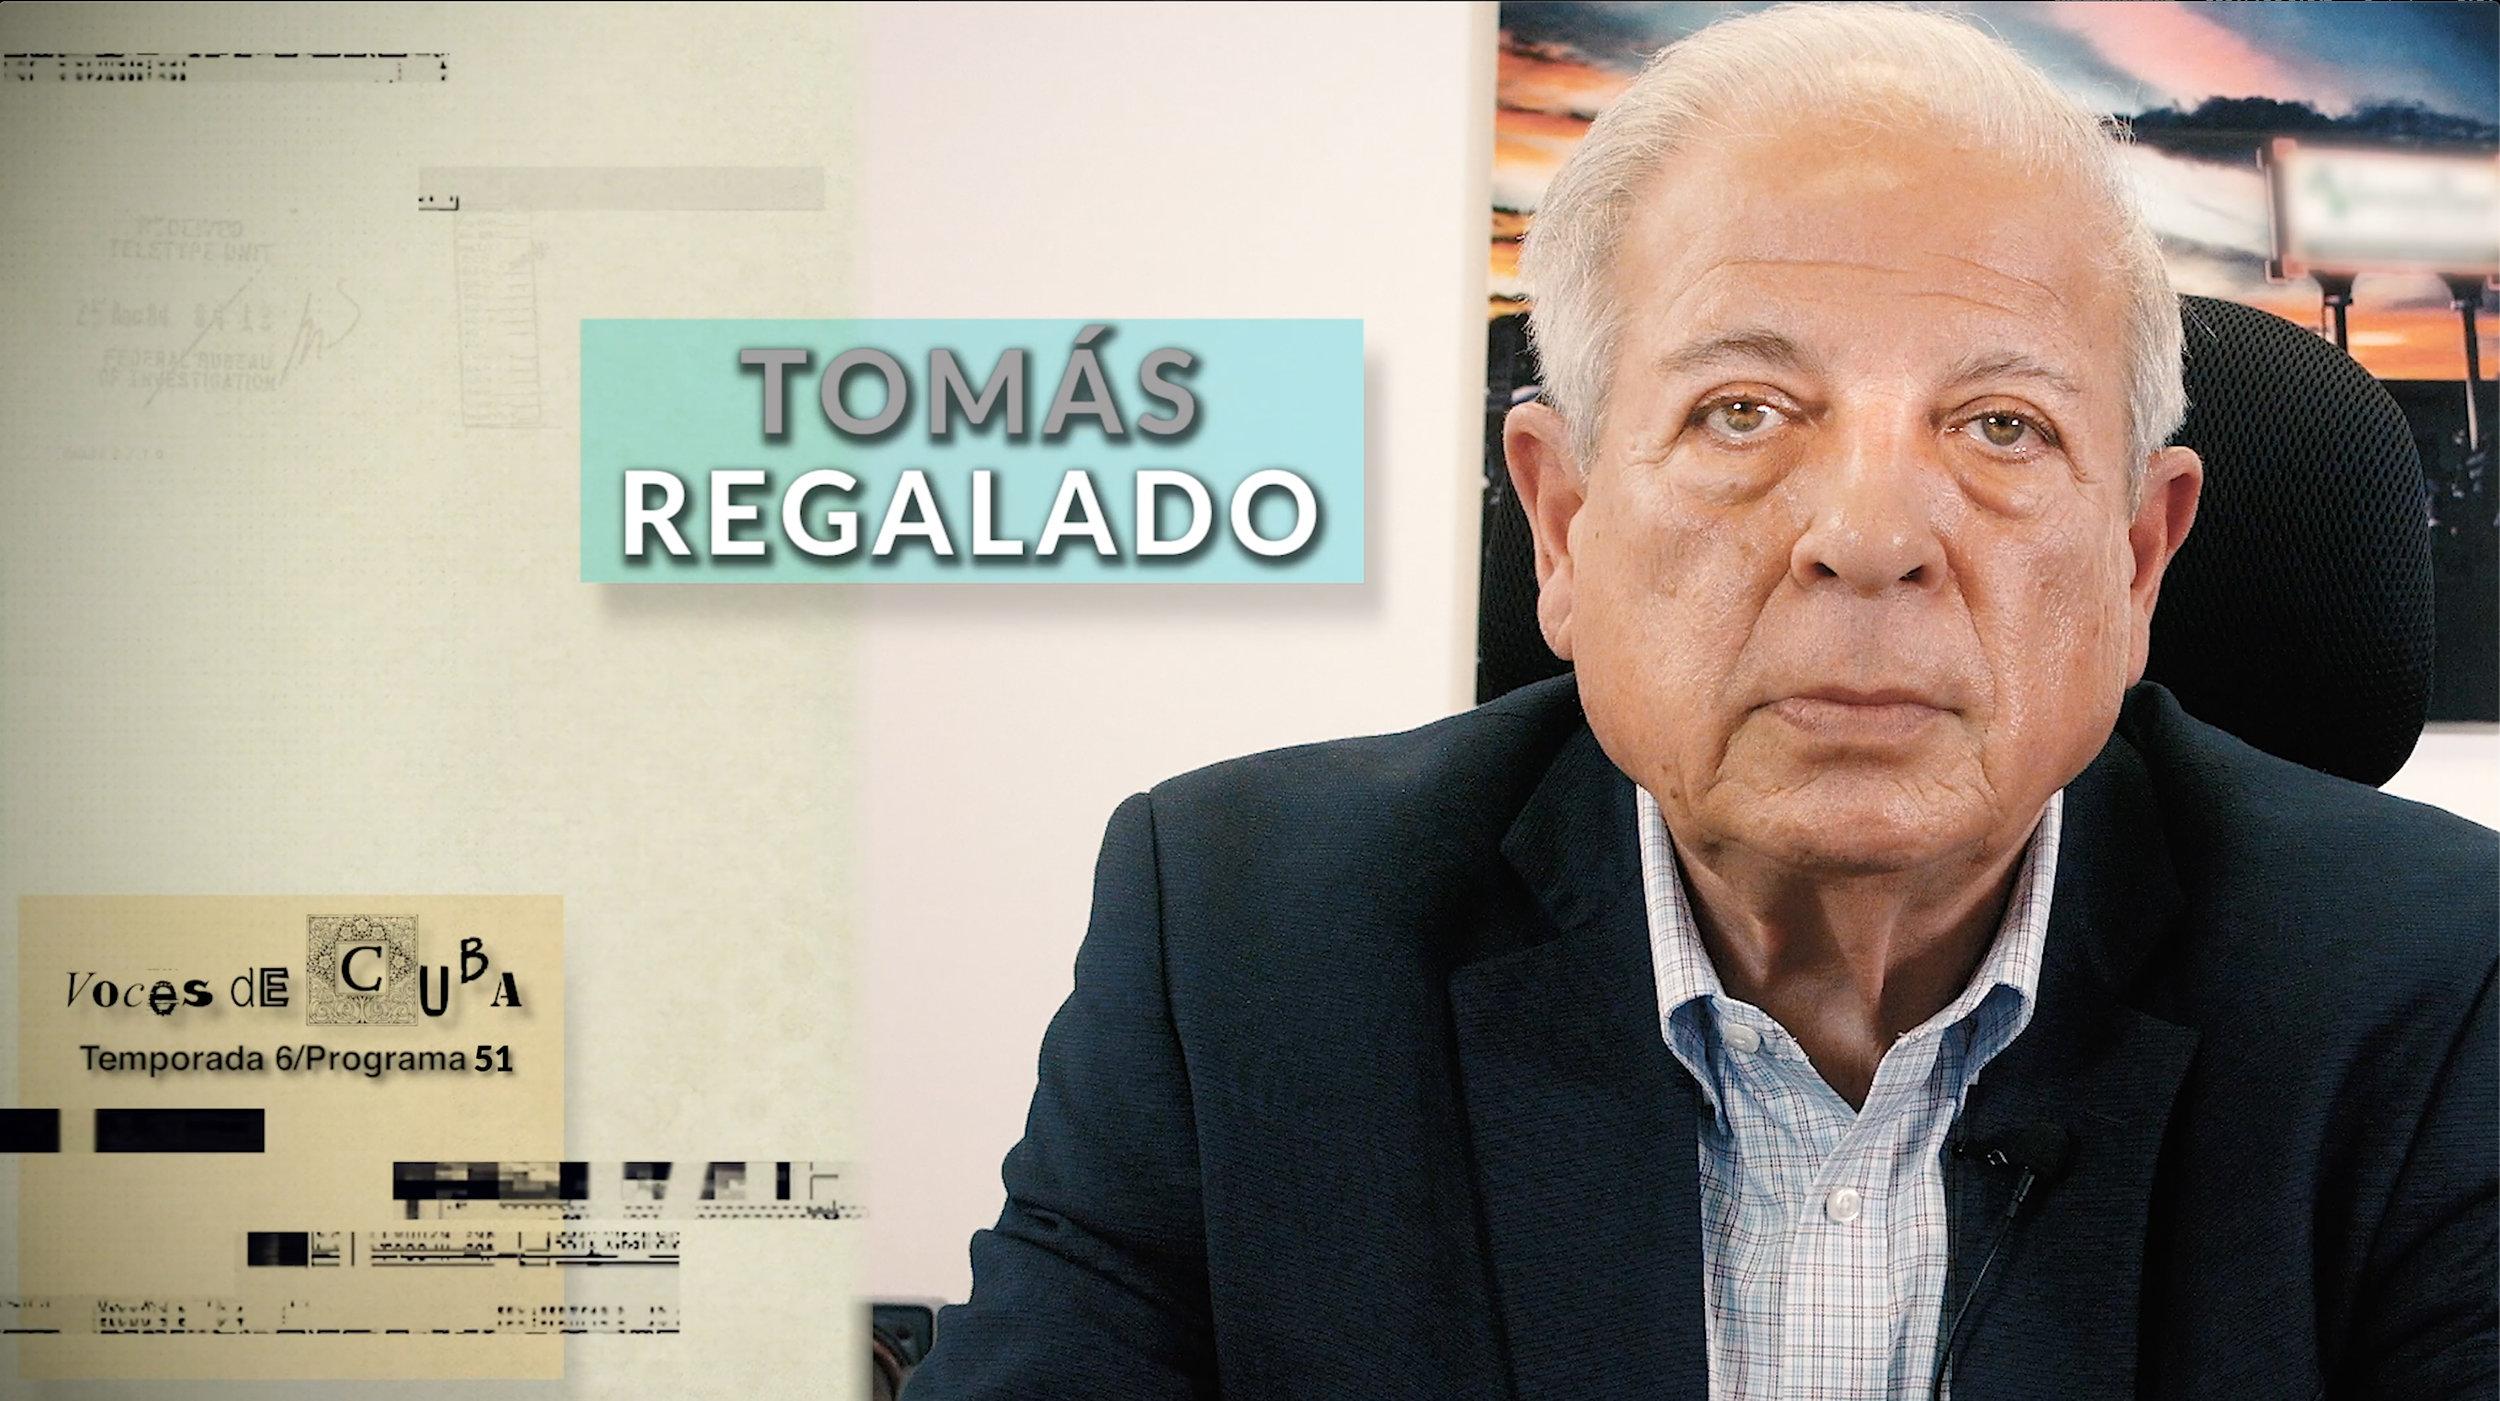 COVER FINAL REGALADO.JPG